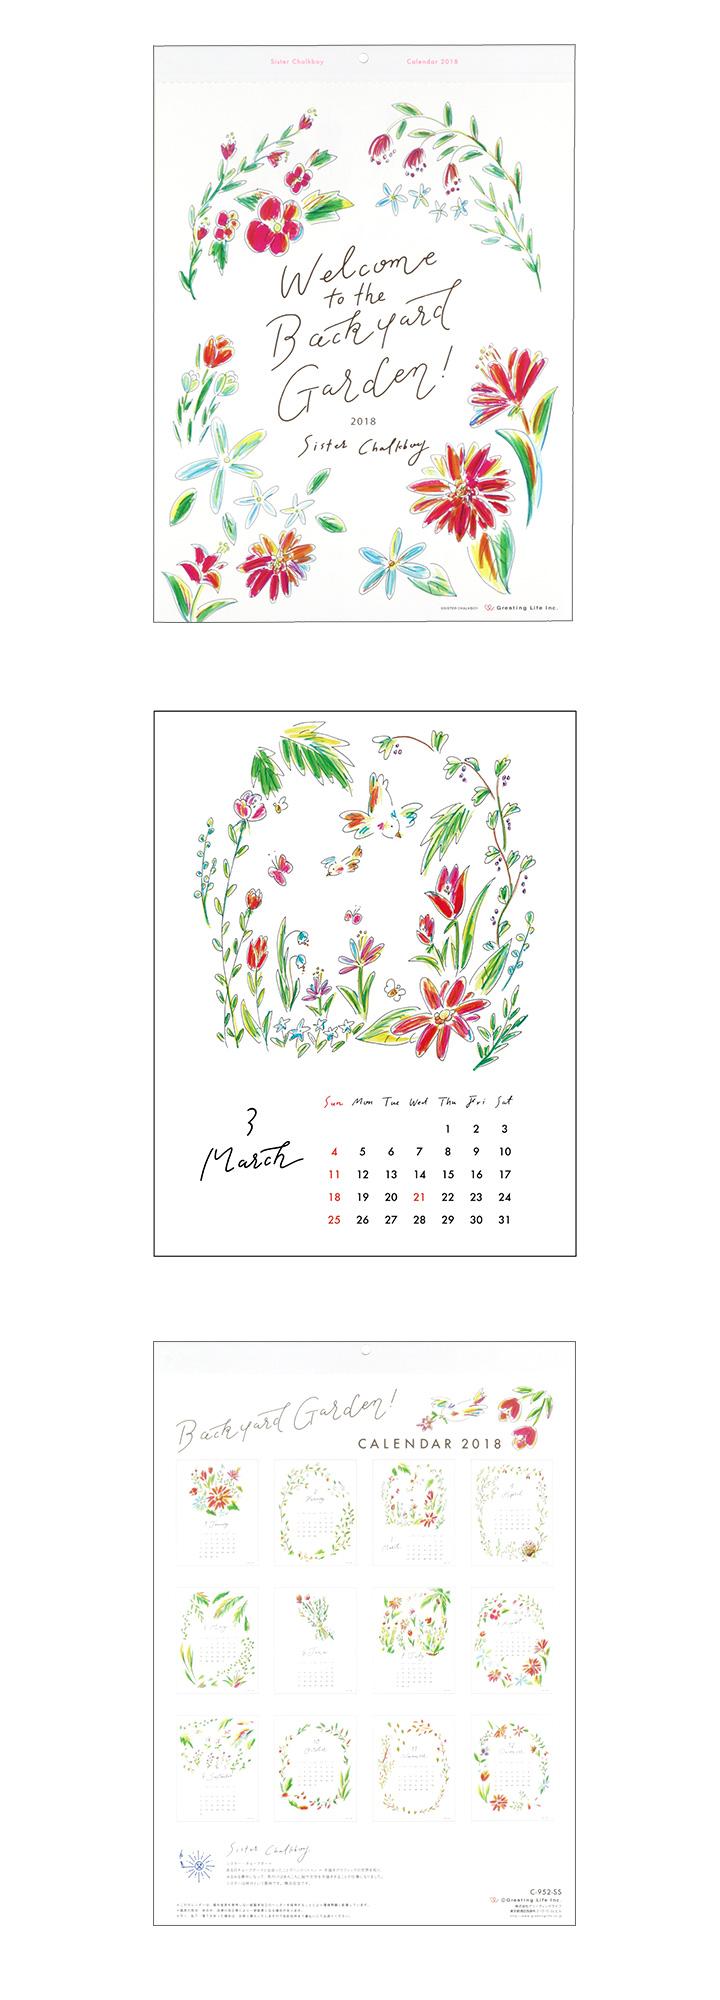 2018 ガーデン/シスターチョークボーイ壁掛カレンダー